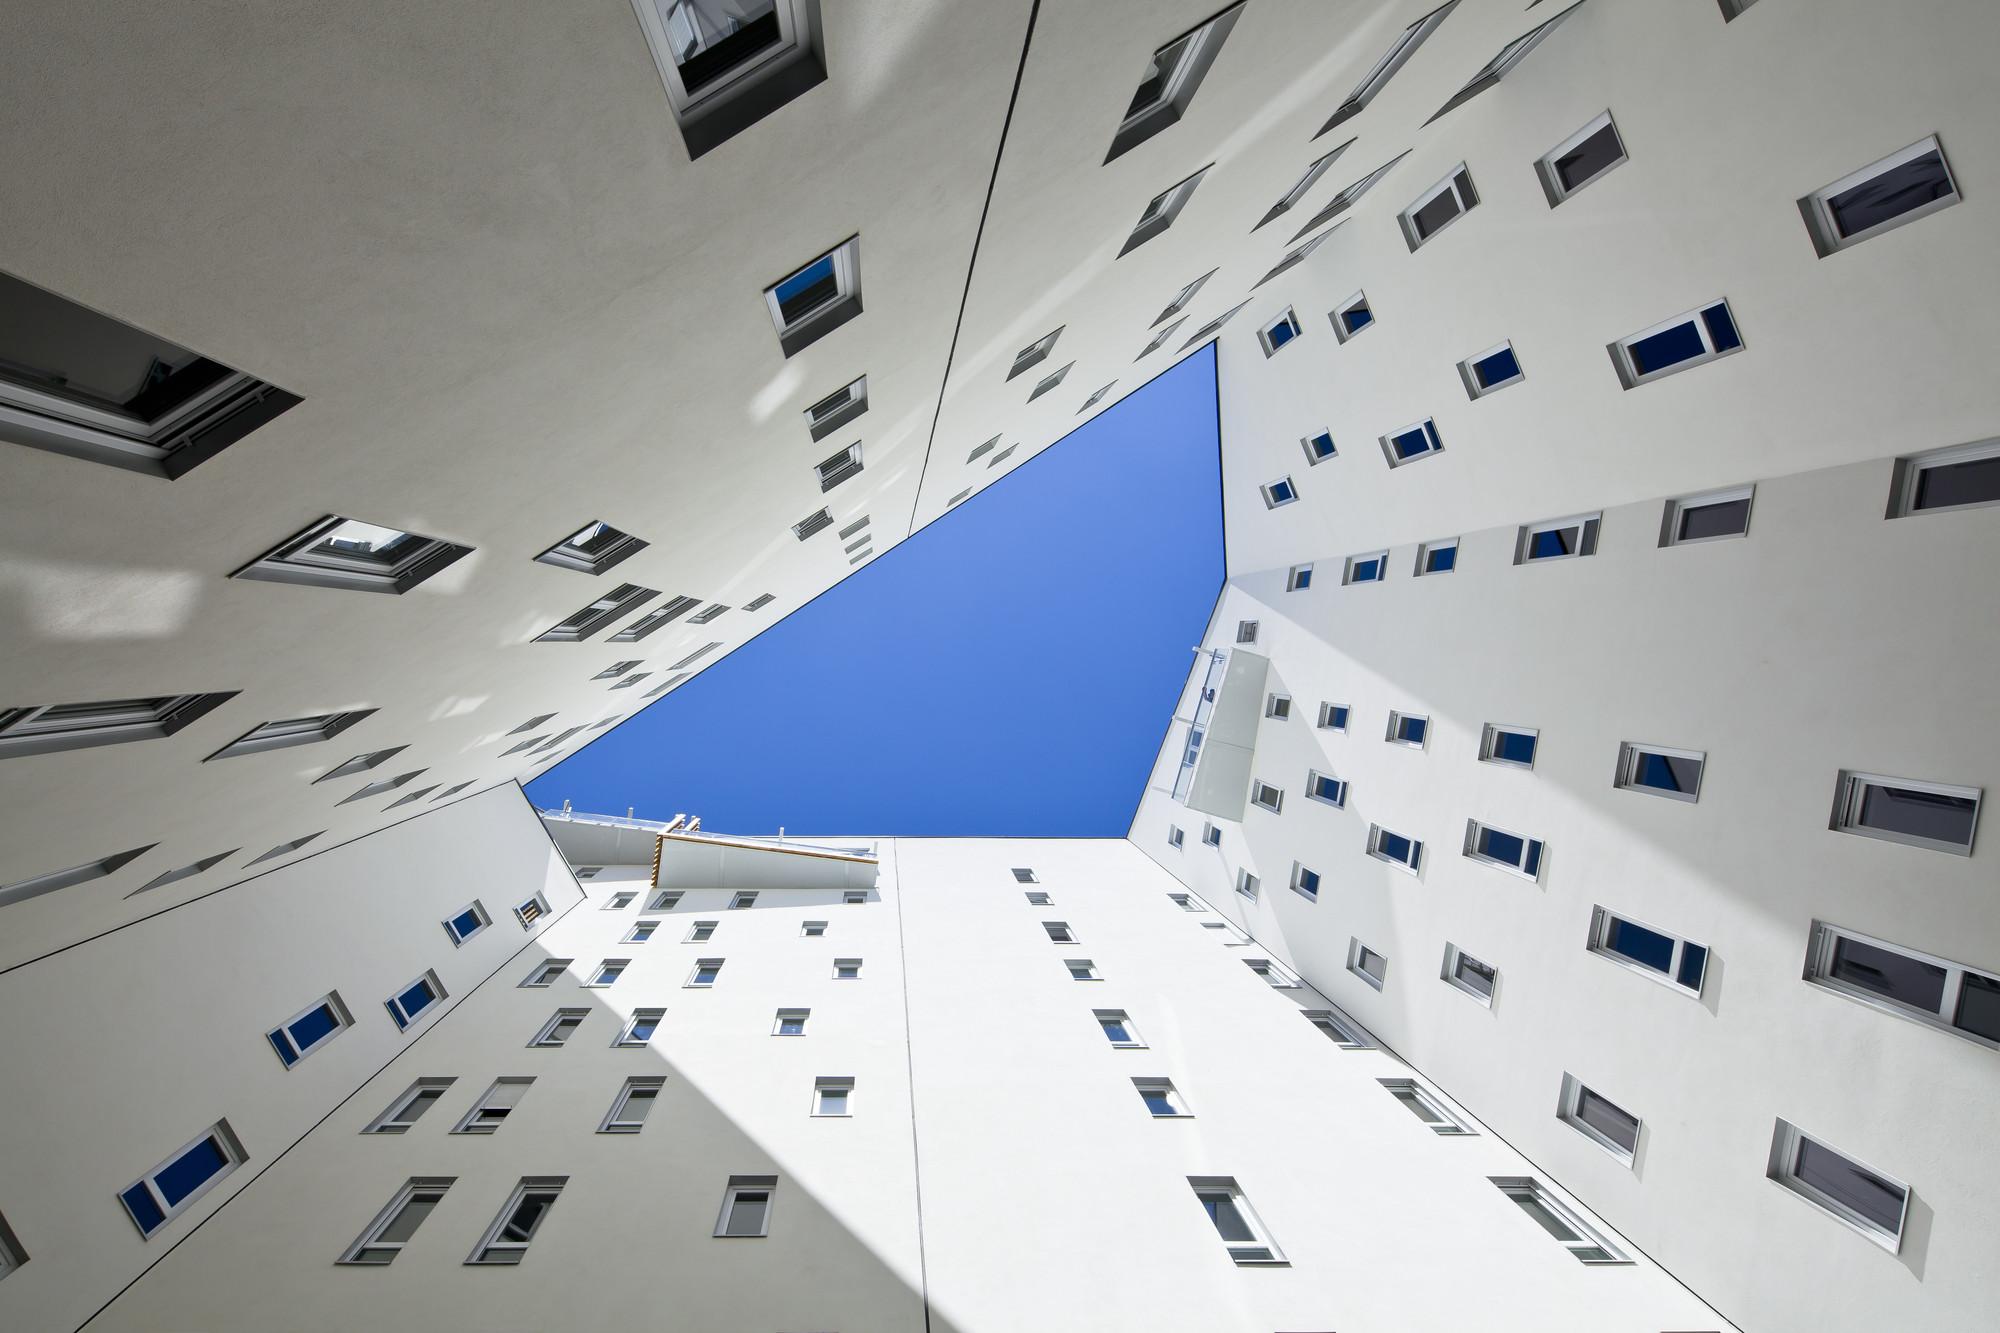 Cardinet Quintessence / Périphériques architectes